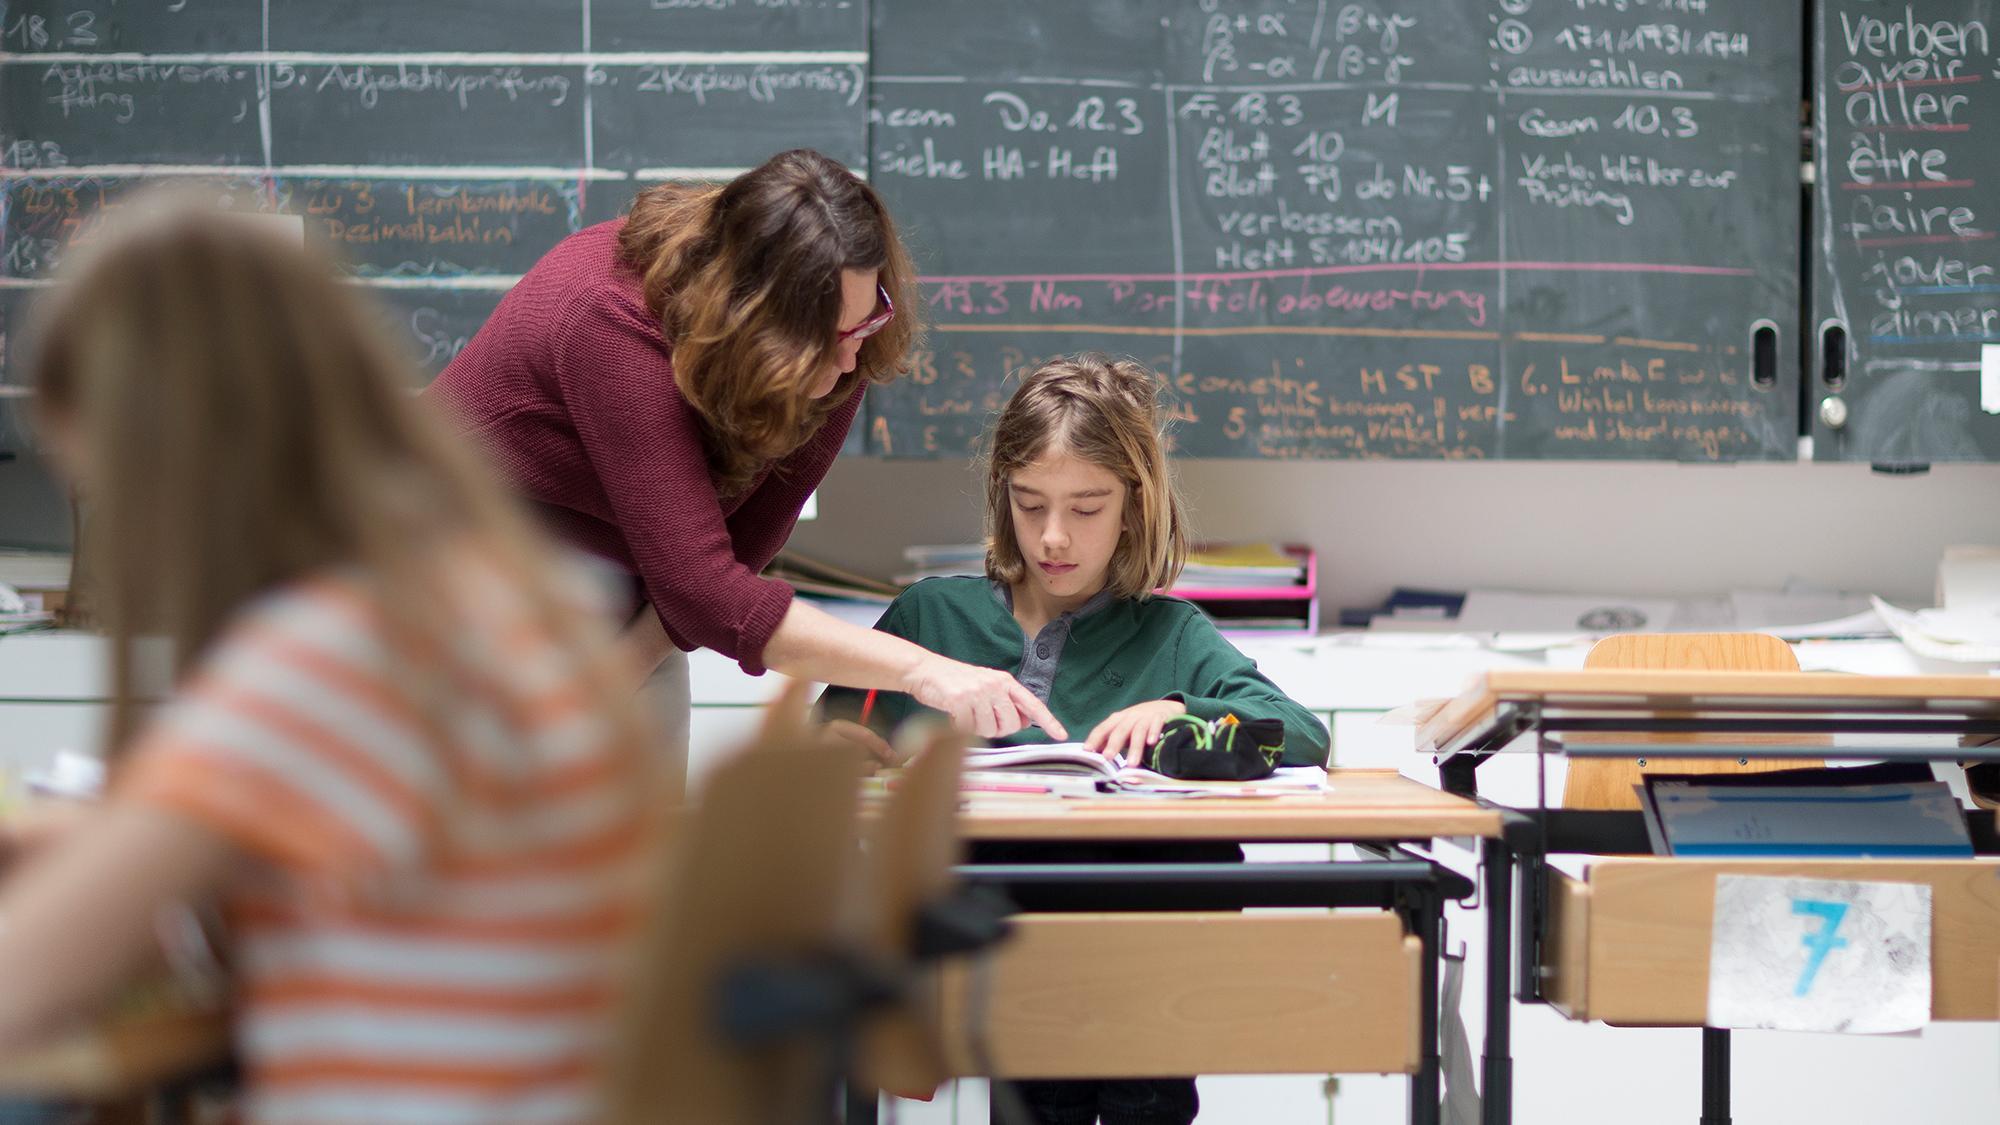 Хорошие отношения с учителями помогли снизить агрессию учеников